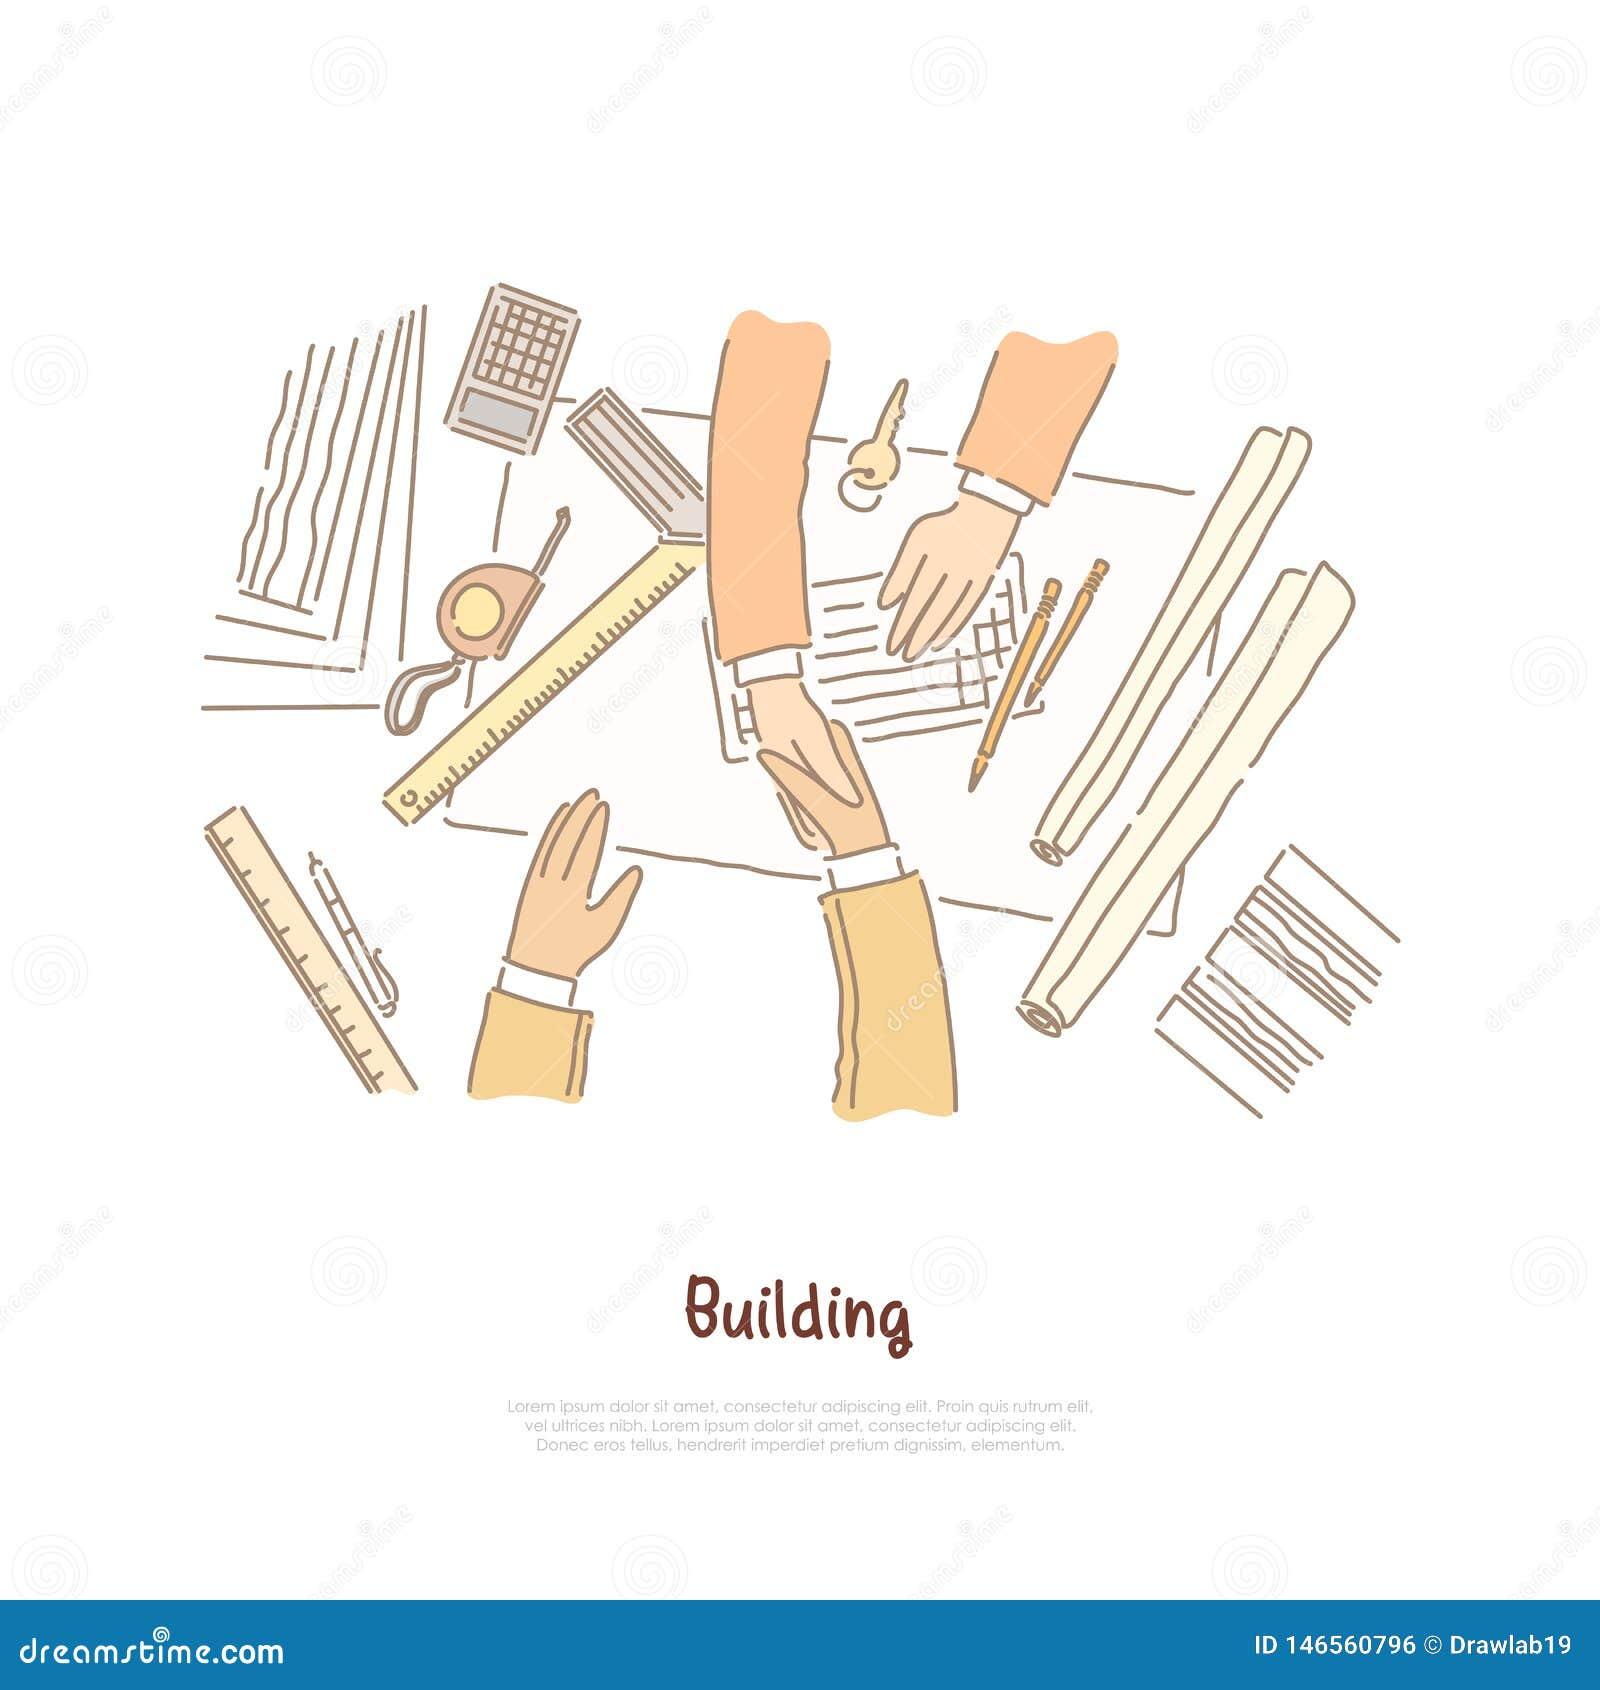 Reunión de negocios, negociación, trato del diseño del plan del edificio, del arquitecto y del contratista, bandera del trabajo e